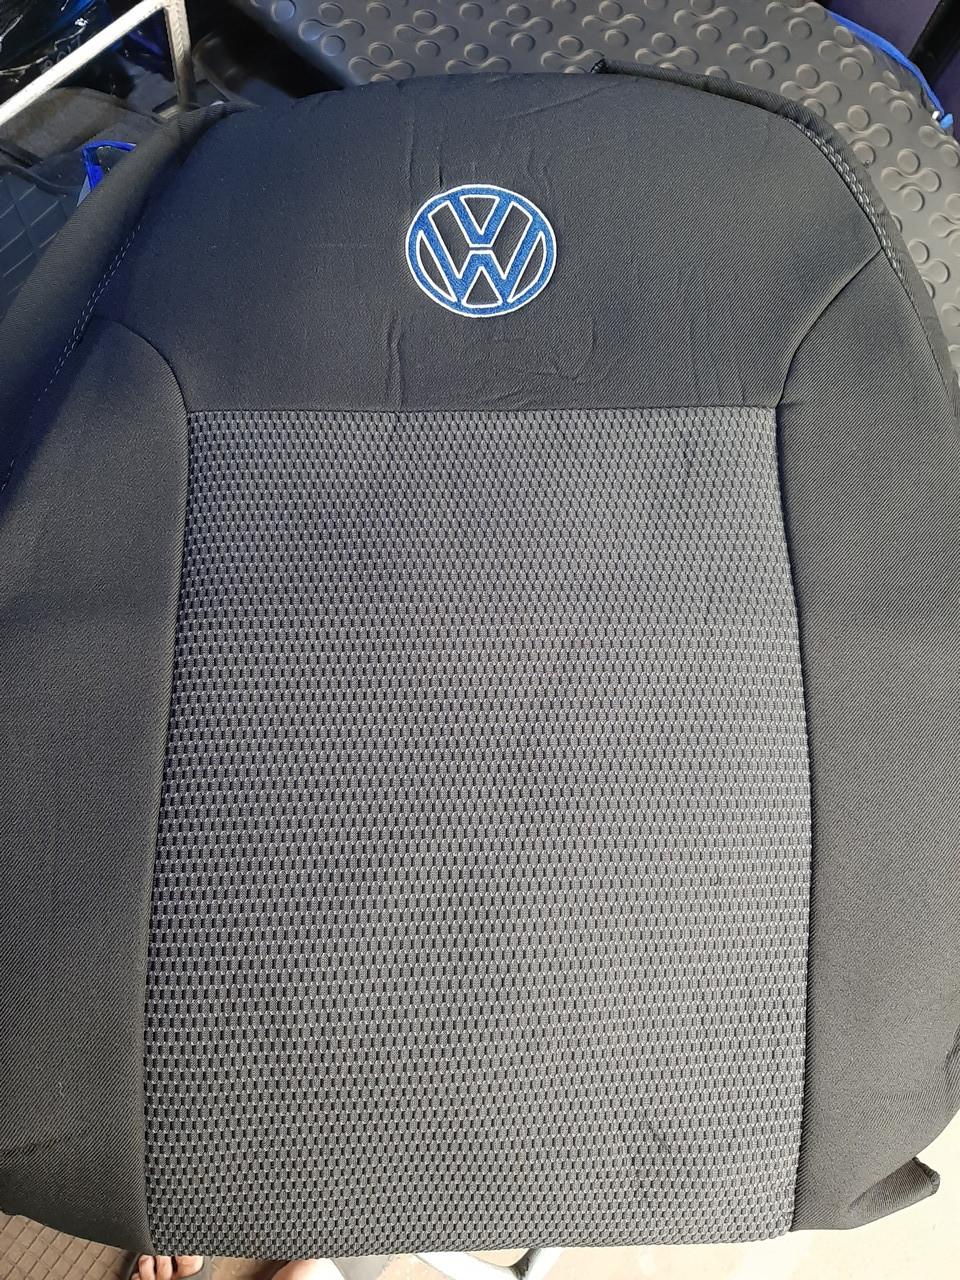 """Чехлы на Volkswagen Golf 3 HB 1993-1997 / авто чехлы Фольксваген Гольф """"EMC Elegant"""""""